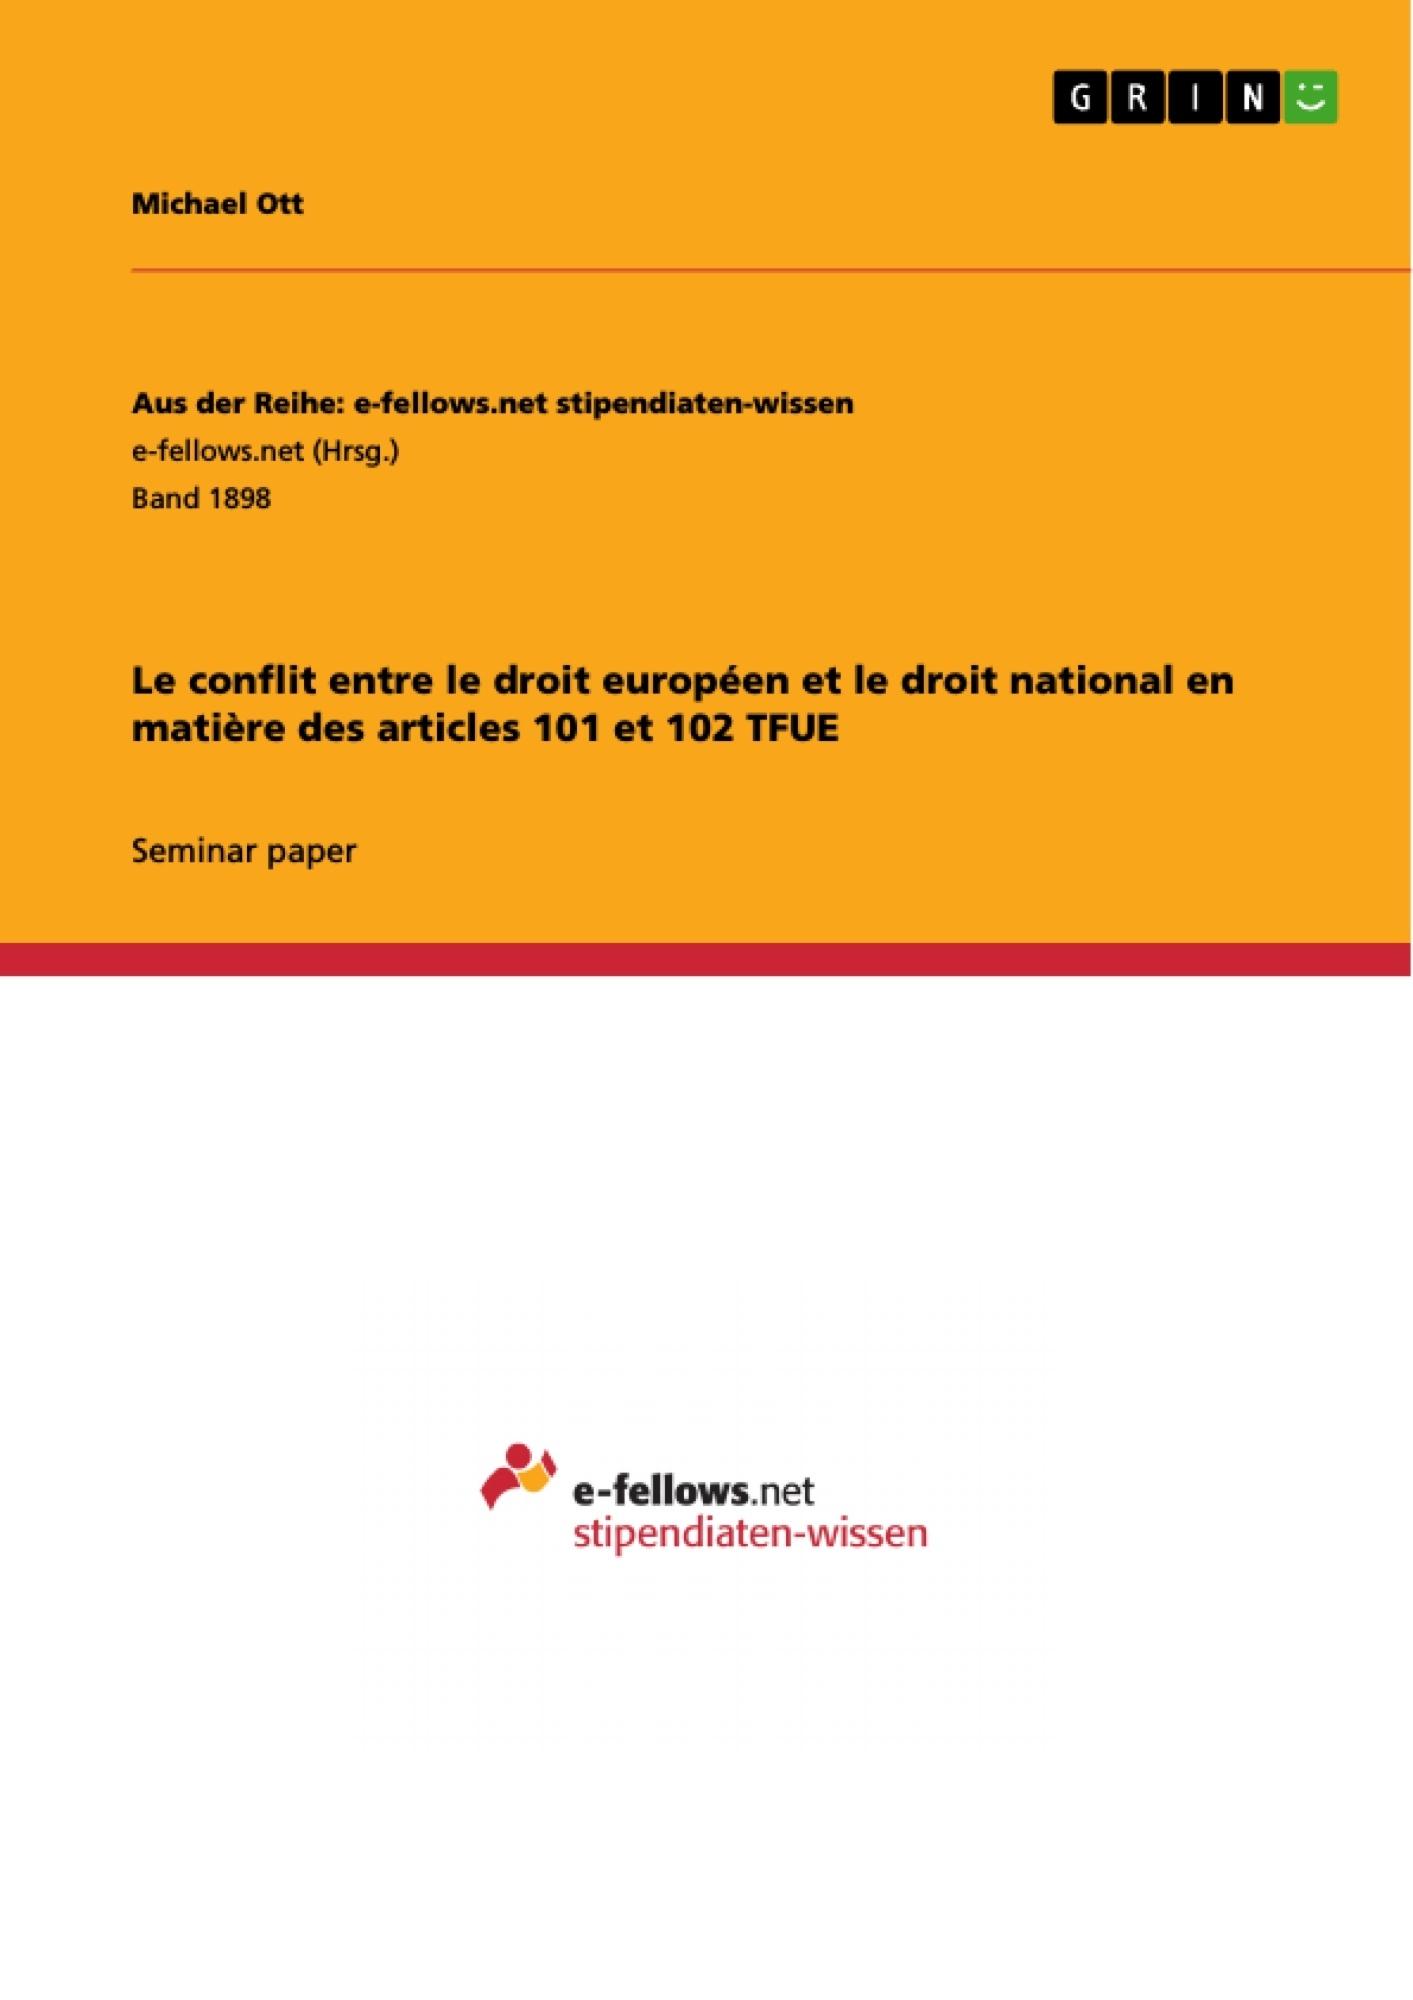 Titre: Le conflit entre le droit européen et le droit national en matière des articles 101 et 102 TFUE